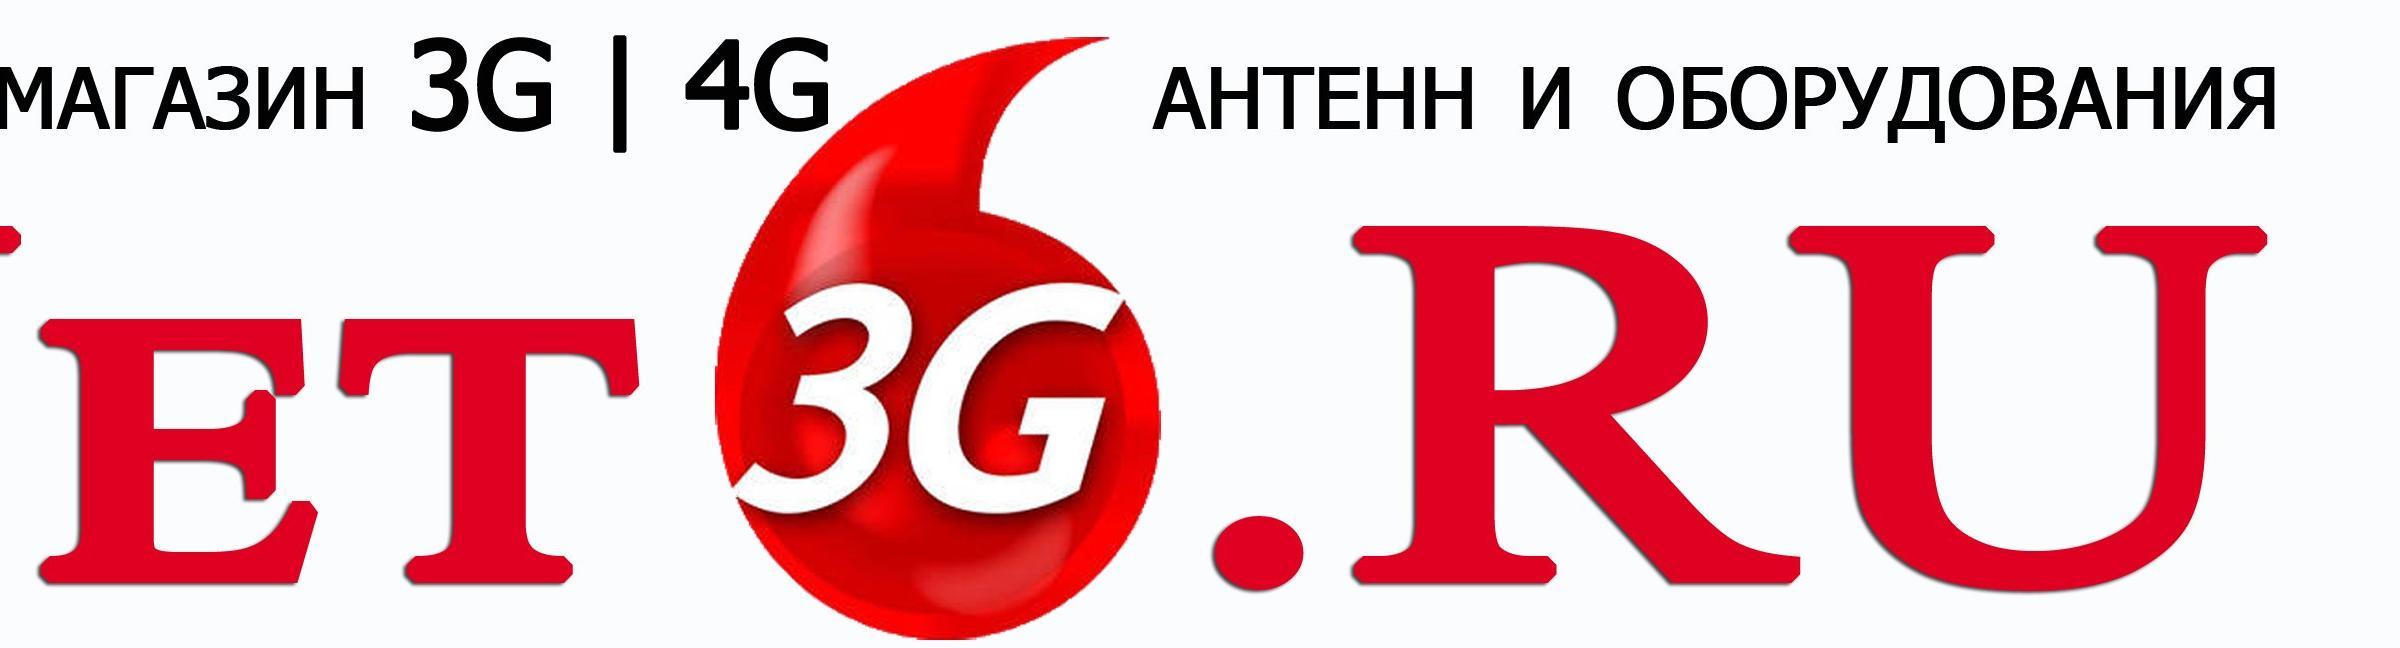 Интернет Магазины В Ростове Адреса